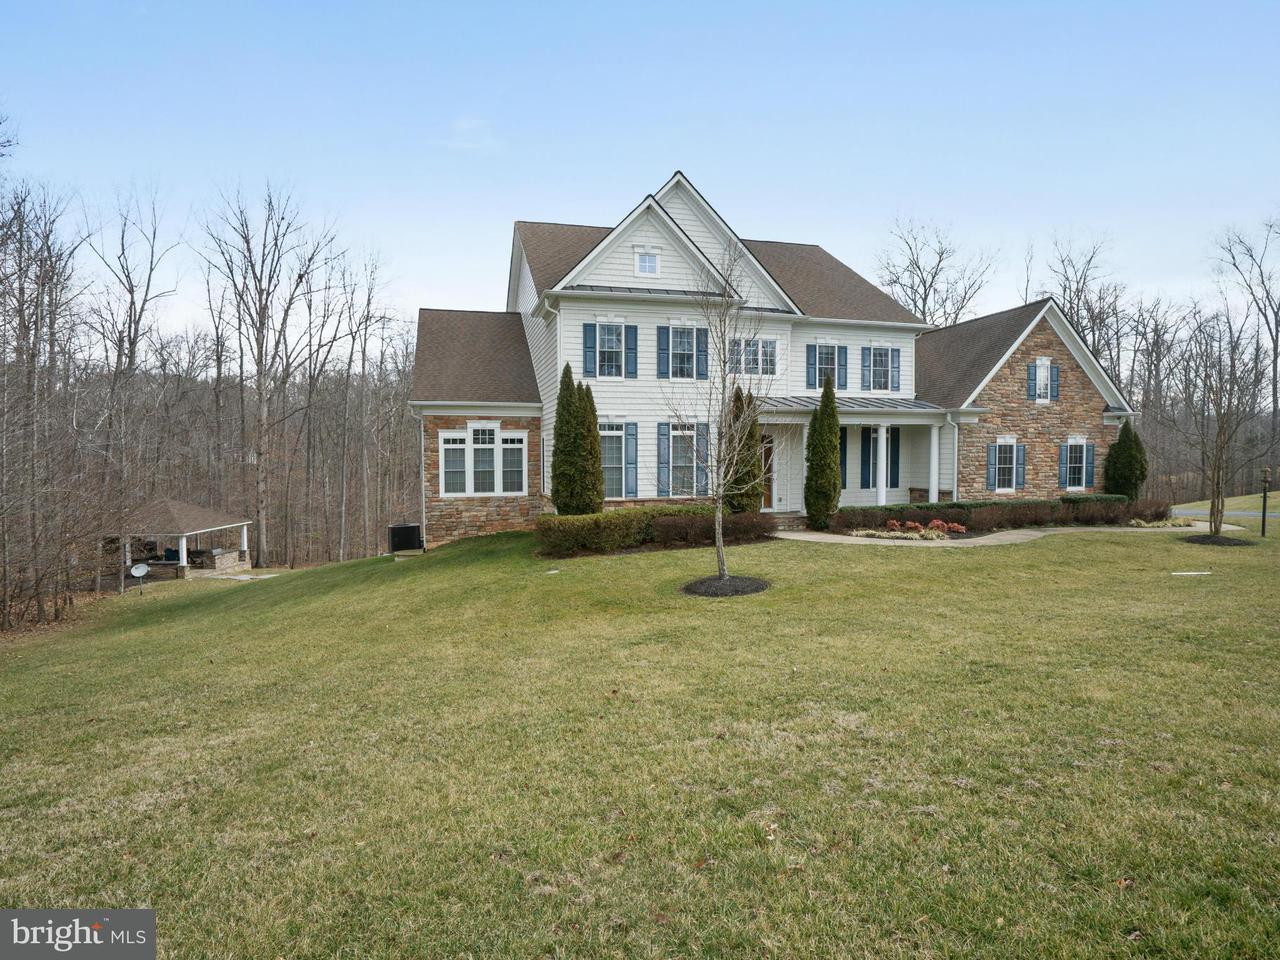 獨棟家庭住宅 為 出售 在 127 Stefaniga Farms Drive 127 Stefaniga Farms Drive Stafford, 弗吉尼亞州 22556 美國